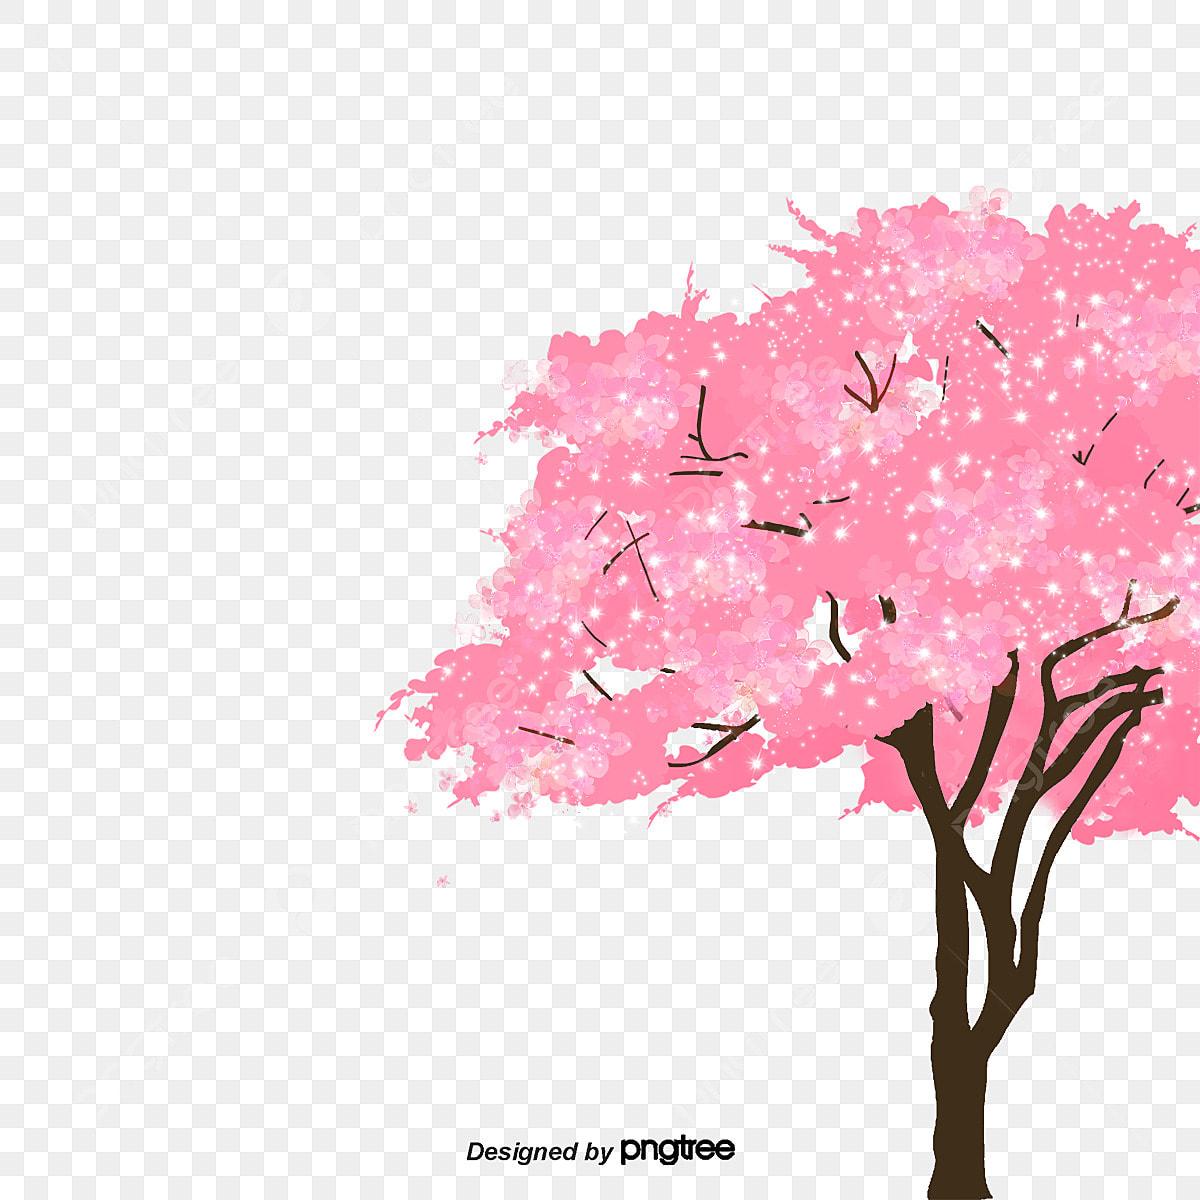 無料ダウンロードのための桜の木の木 ピンク ロマンチック 桜png画像素材